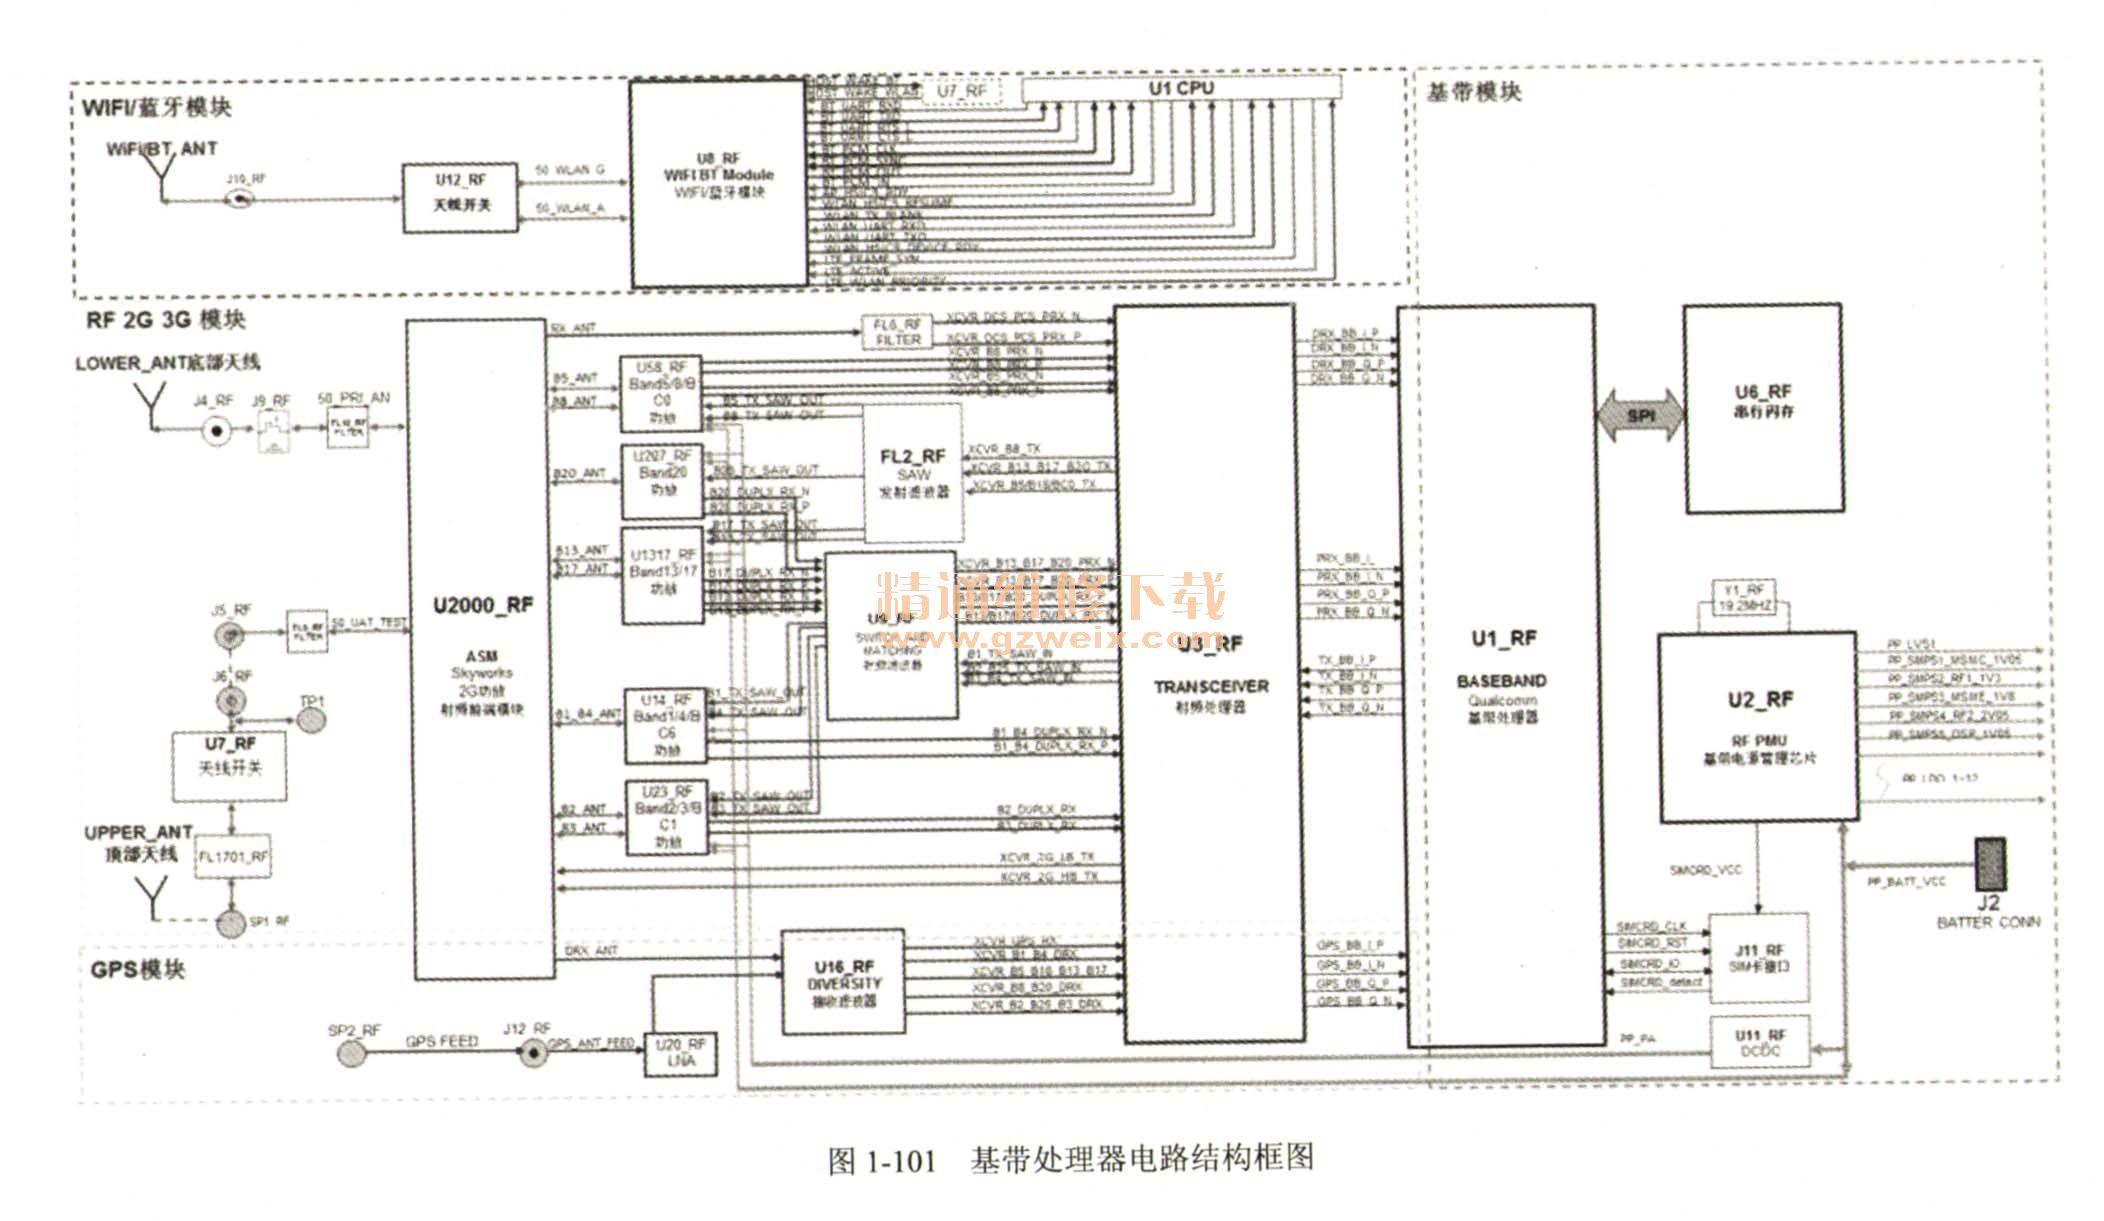 3 iPhone5手机电路结构 iPhone 5采用4英寸视网膜屏,屏幕分辨率由iPhone 4S的960×640dpi升级为1136×640dpi,同时主屏幕中的应用图标增加至5排。预装iOS 6.0.1手机操作系统(现可升级为为IOS 8.2)。 iPhone 5采用的是苹果自主研发的A6处理器(内含两个CPU核心和三个GPU),性能是A5处理器的两倍,RAM为1GB,不支持NFC近场芯片。Siri也有升级,支持中文和拓展功能。iPhone 5配备8pin新接口,采用新款Nan